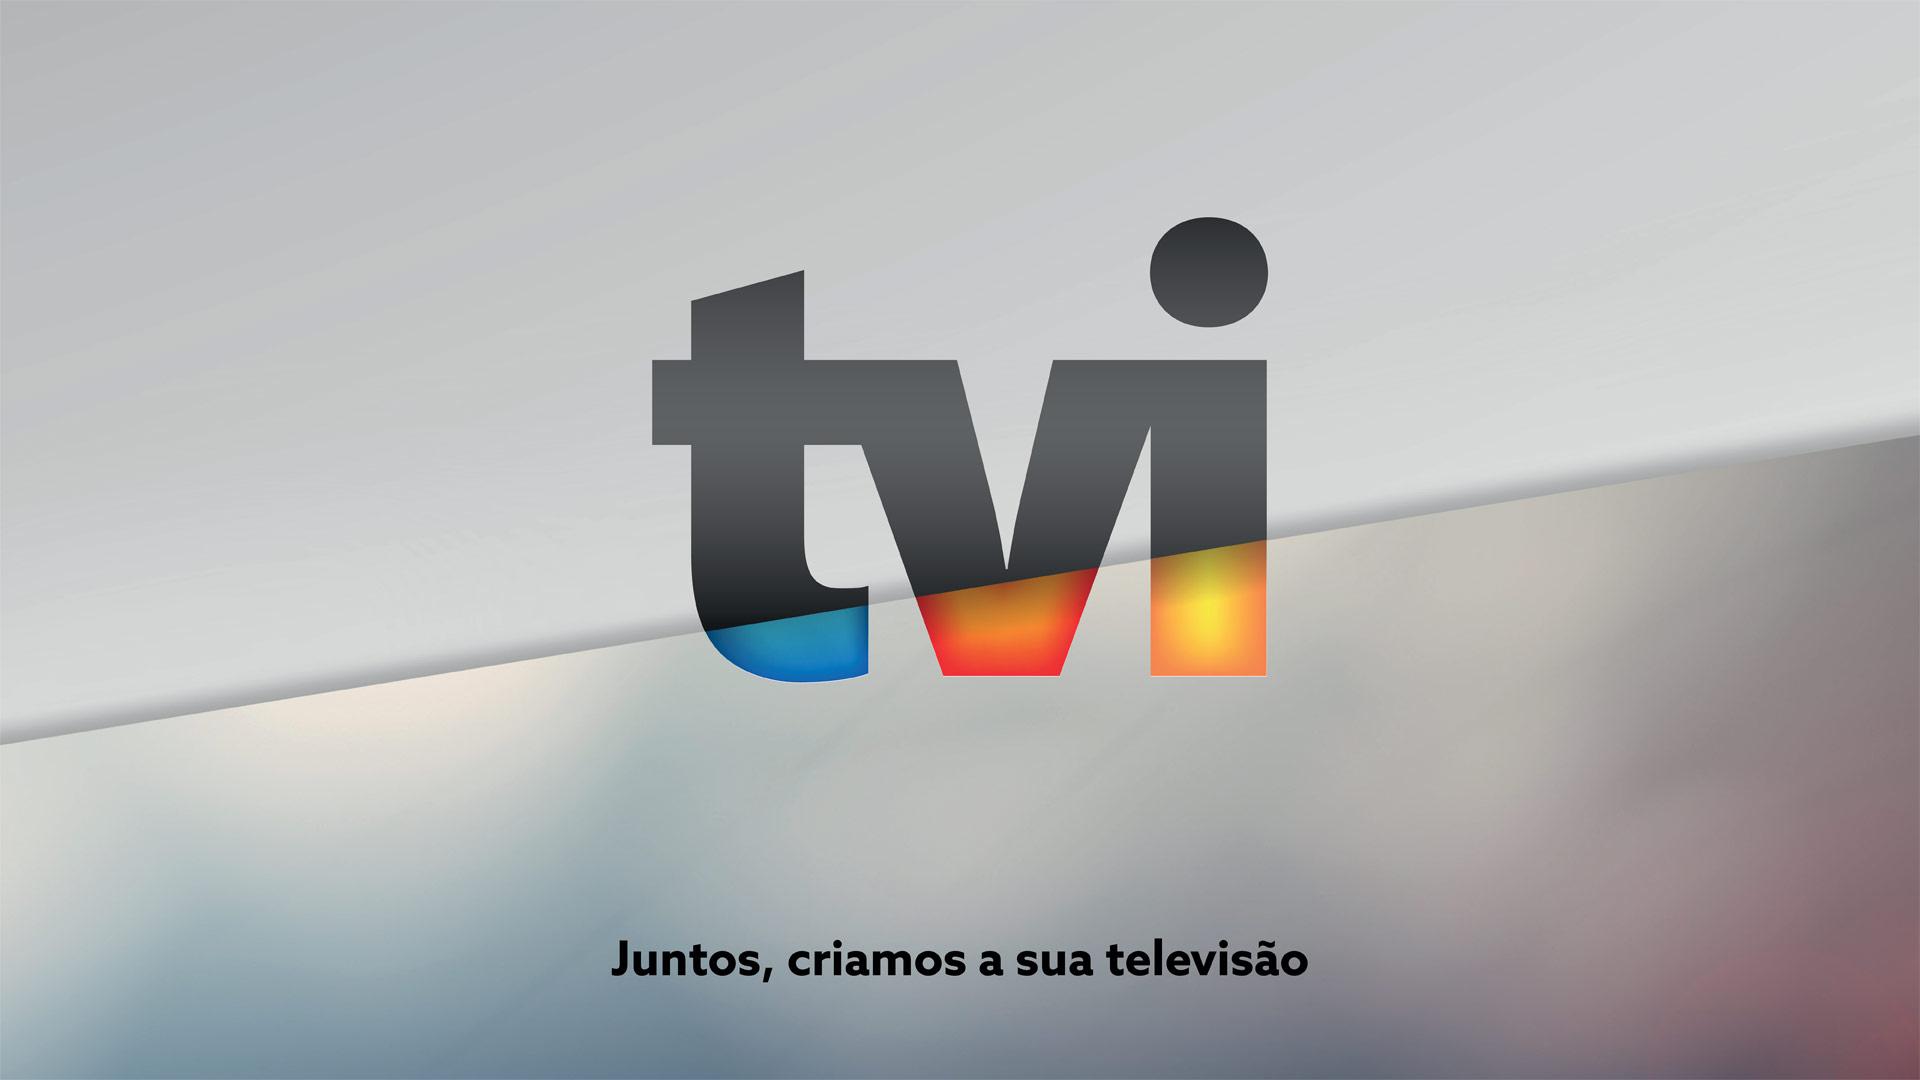 Tvi Tvi Prepara Nova Aposta... Com Atriz Da Telenovela Da Sic Terra Brava!